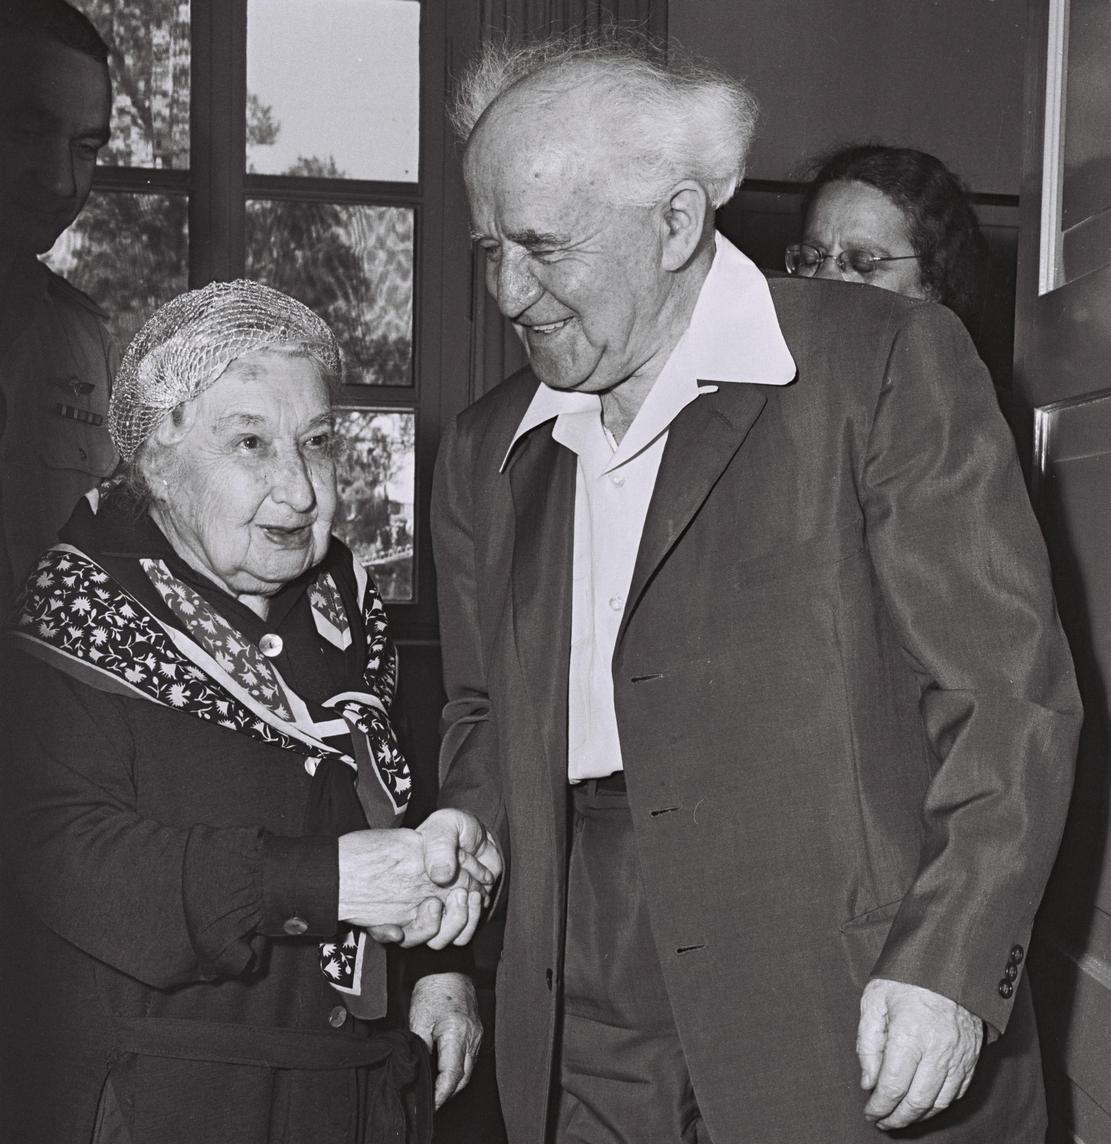 Choć Mussolini twierdził, że wolałby podrywać koczkodana, jego związek z Angeliką Bałabanow przetrwał dekadę. Na zdjęciu działaczka już jako staruszka wita się z premierem Izraela Dawidem Ben Gurionem. Fotografia pochodzi z Israel National Photo Collection.